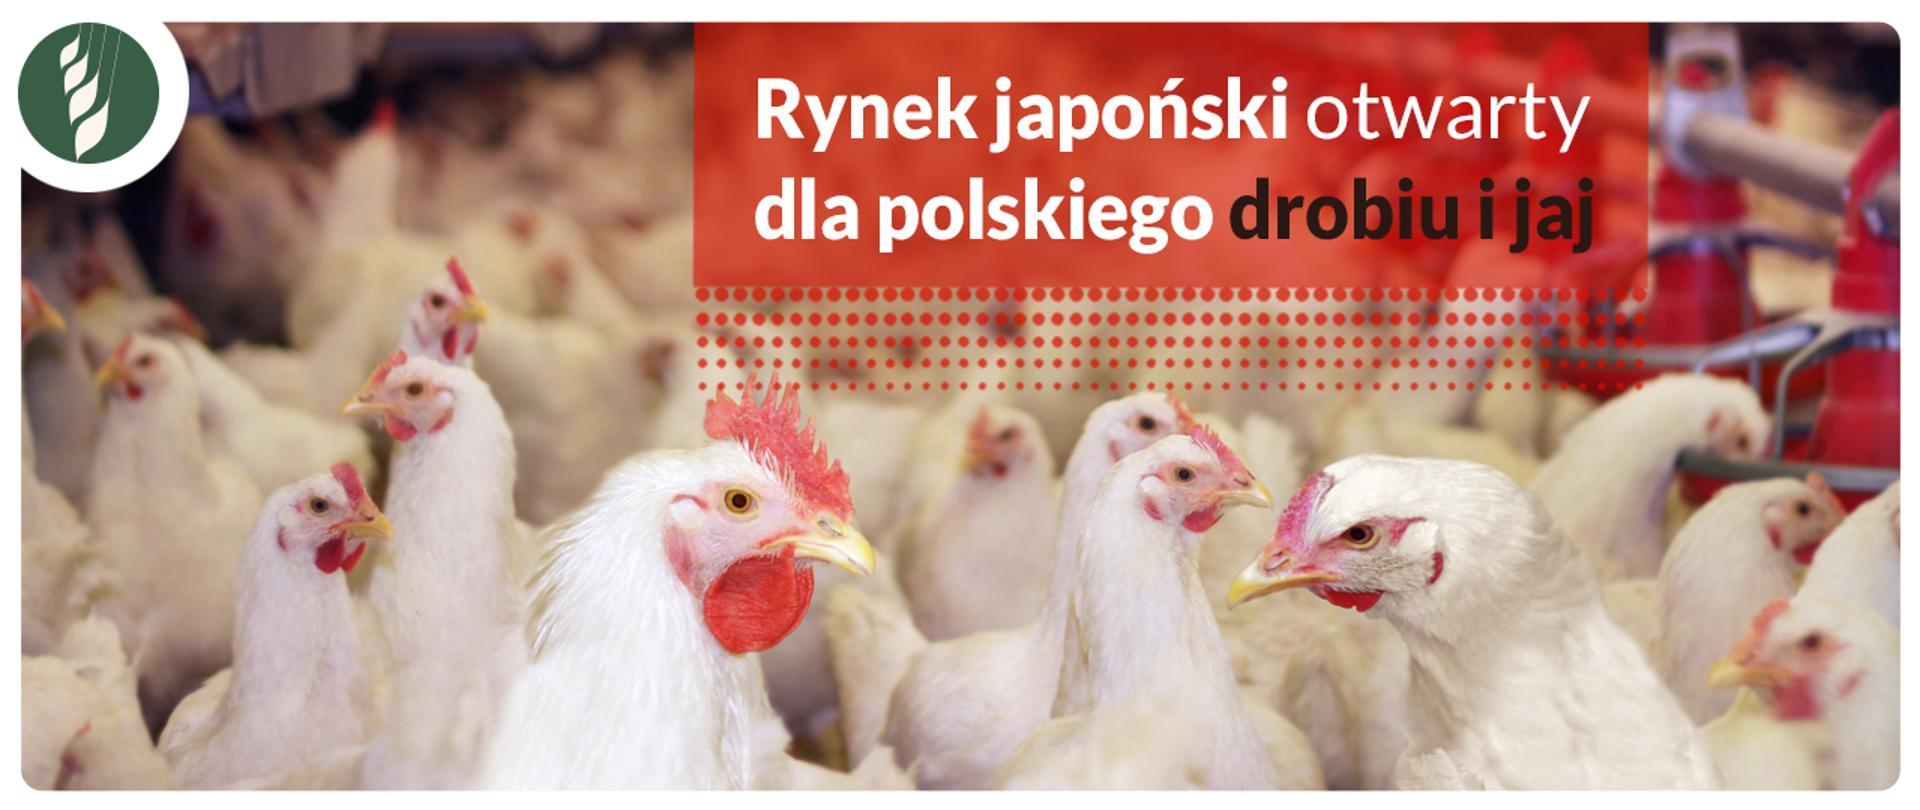 Rynek japoński otwarty dla polskiego drobiu i jaj